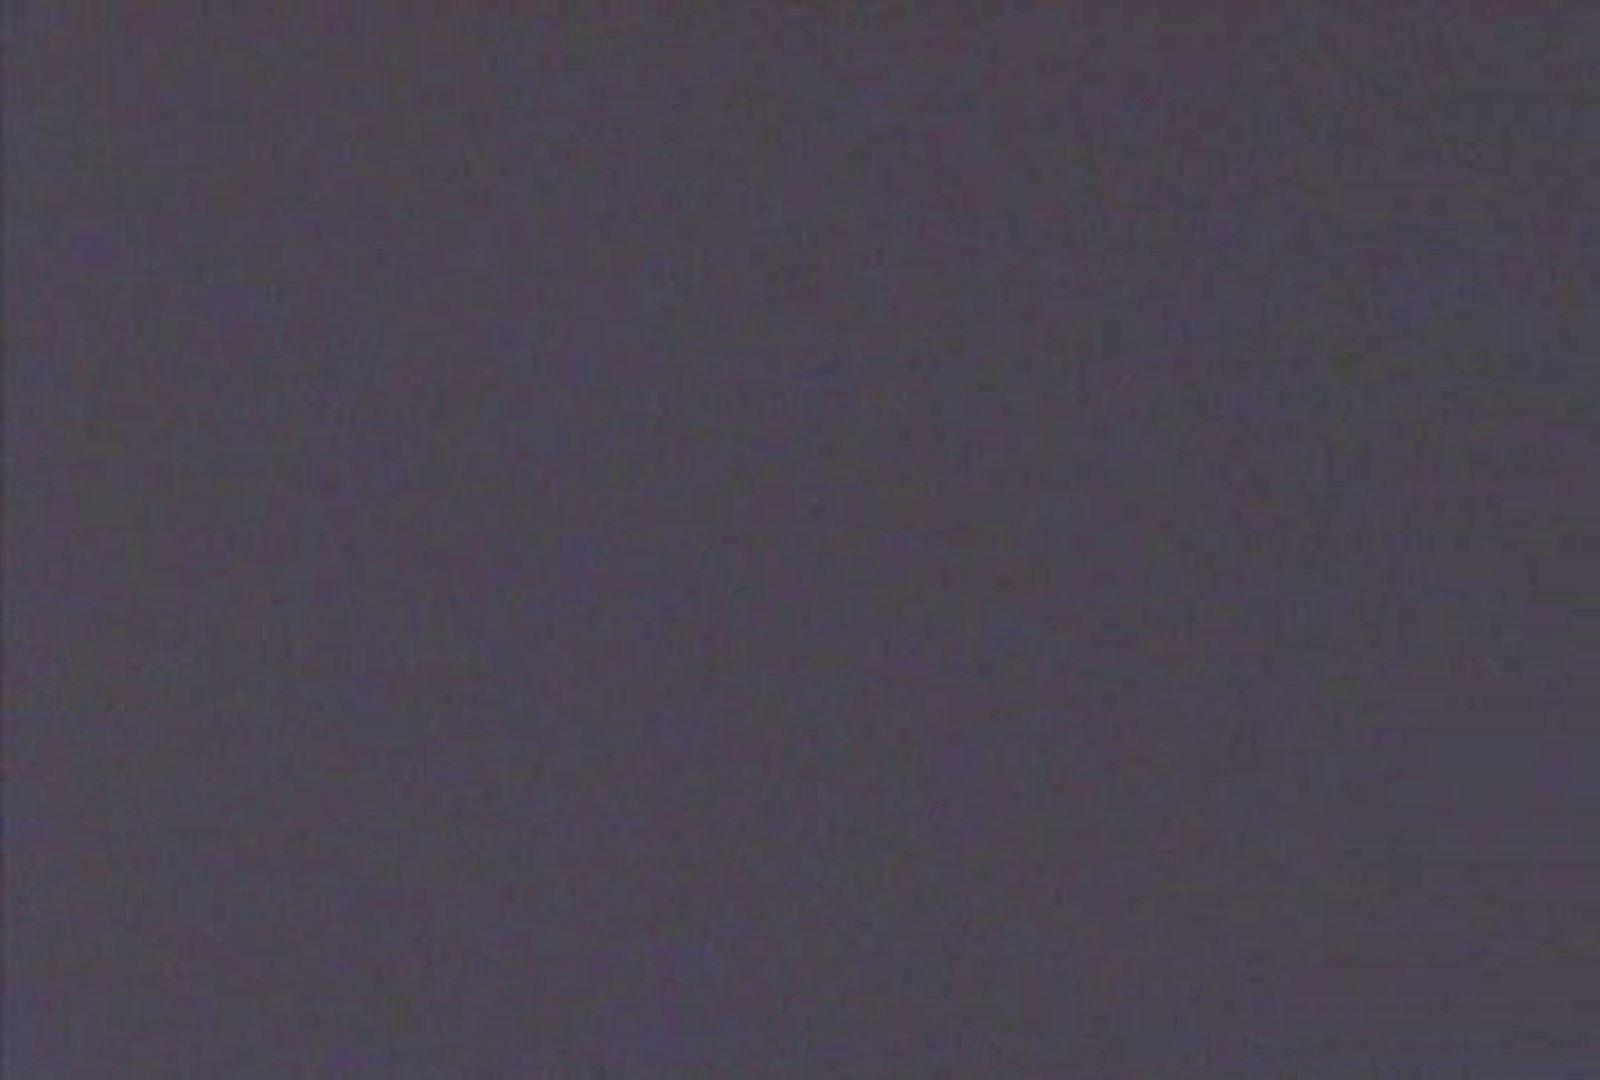 素人投稿シリーズ 盗撮 覗きの穴場 大浴場編  Vol.2 覗き SEX無修正画像 91連発 74